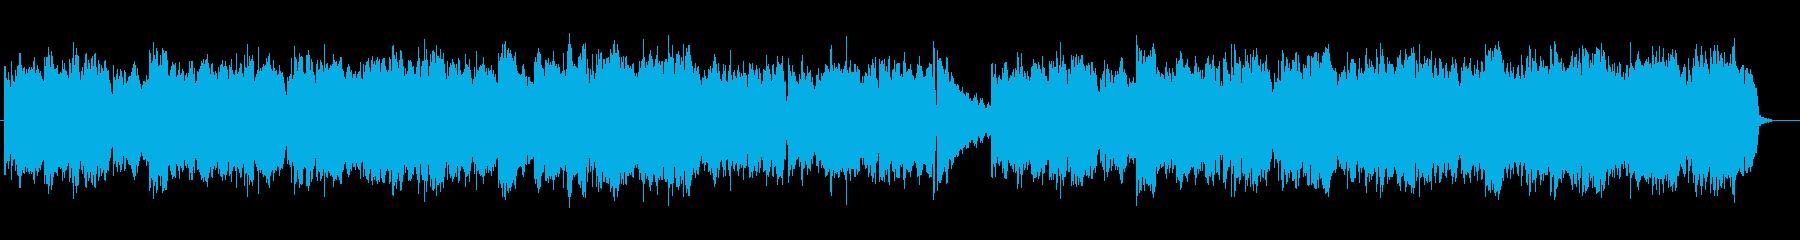 優しく透明感のあるシンセサイザーサウンドの再生済みの波形